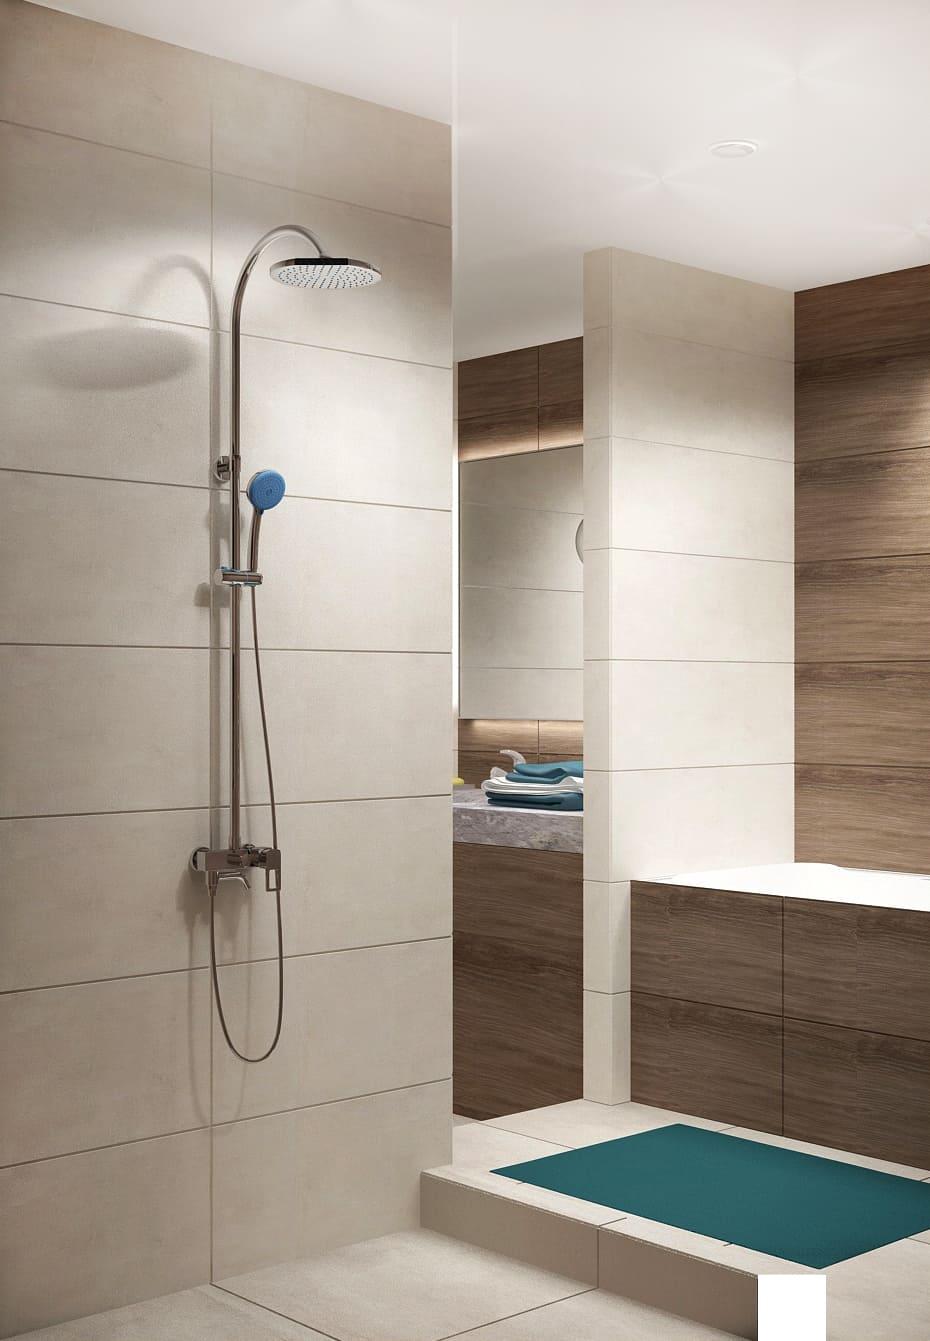 Дизайн интерьера ванной 7 кв.м в древесных тонах с бежевыми оттенками, зеркало, бежевая тумба, сушилка, раковина, подвесной светильник